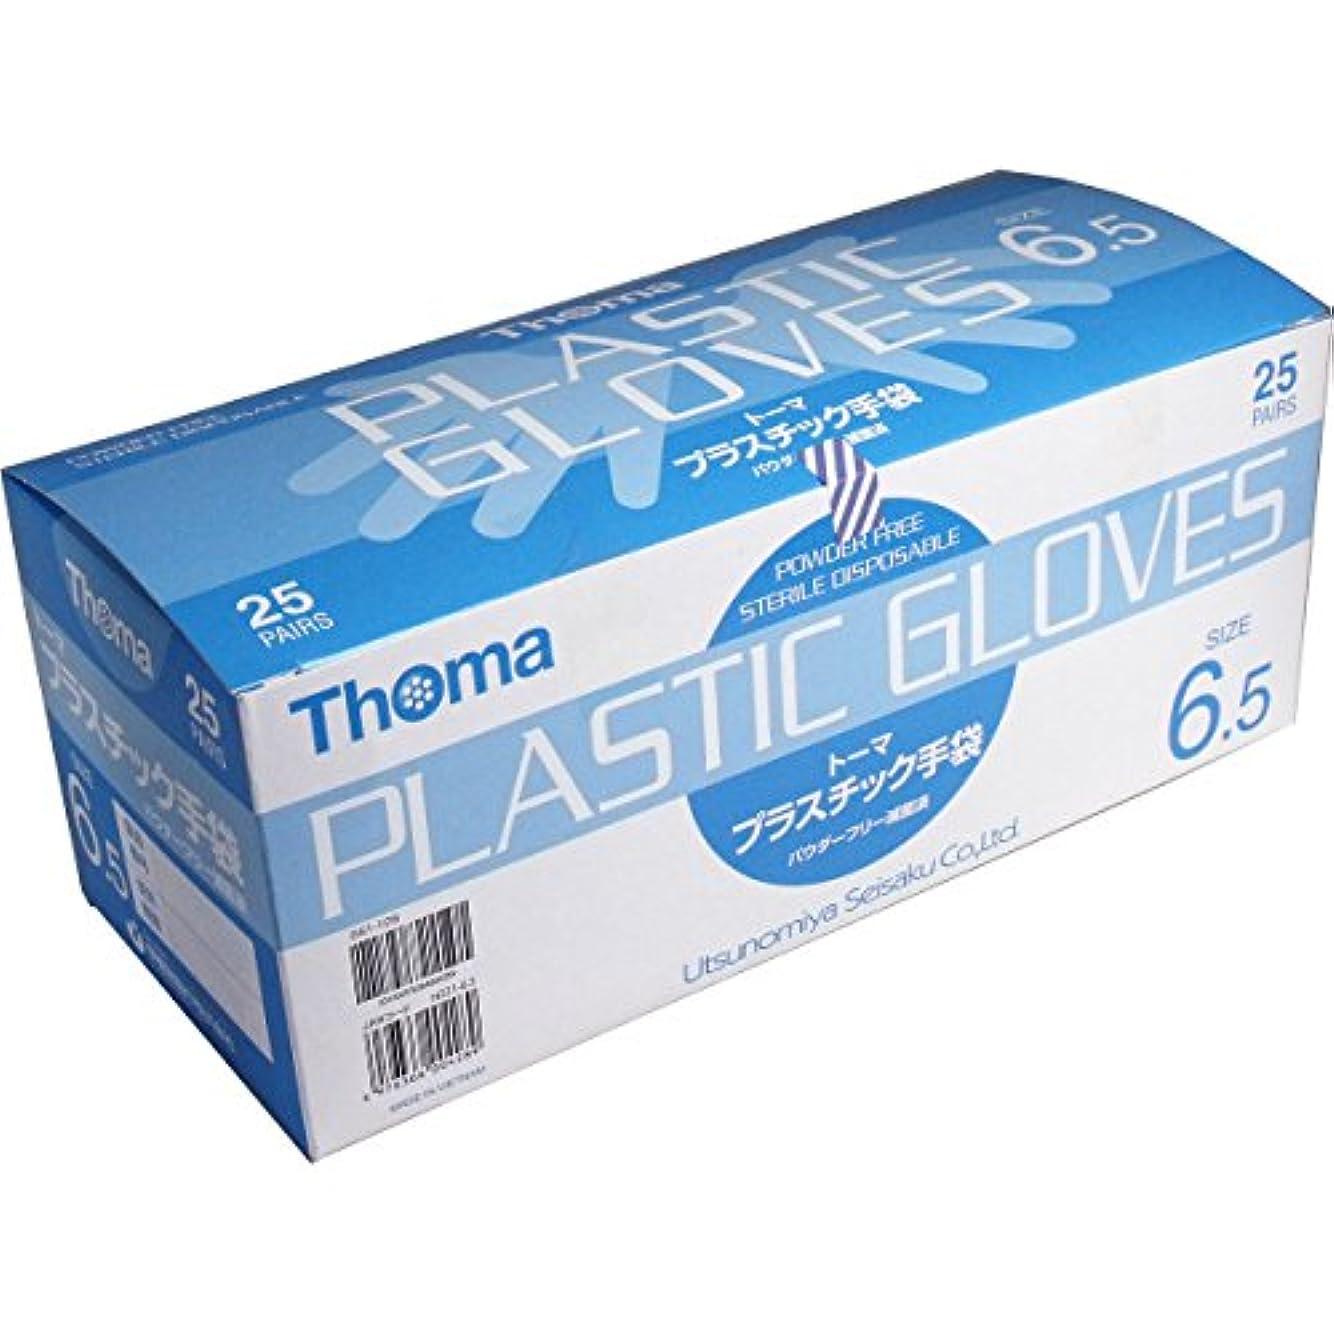 記憶に残るテンションスキル超薄手プラスチック手袋 1双毎に滅菌包装、衛生的 便利 トーマ プラスチック手袋 パウダーフリー滅菌済 25双入 サイズ6.5【4個セット】